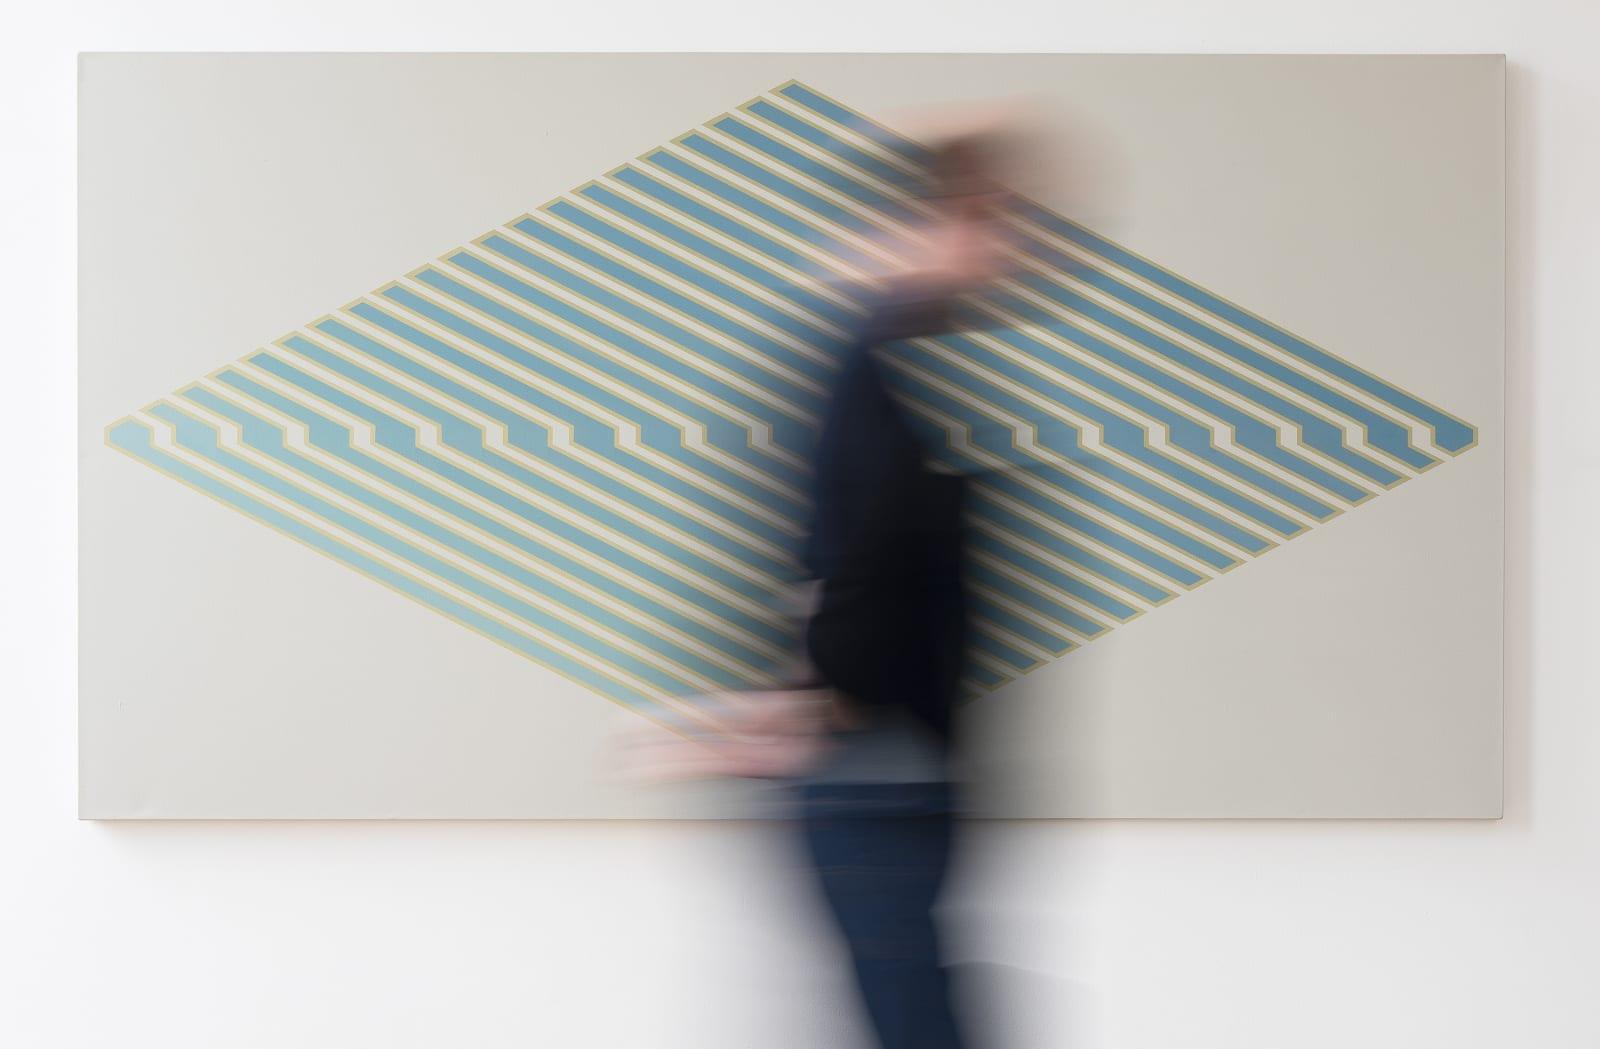 Installation view, Karsten Schubert London, 2020